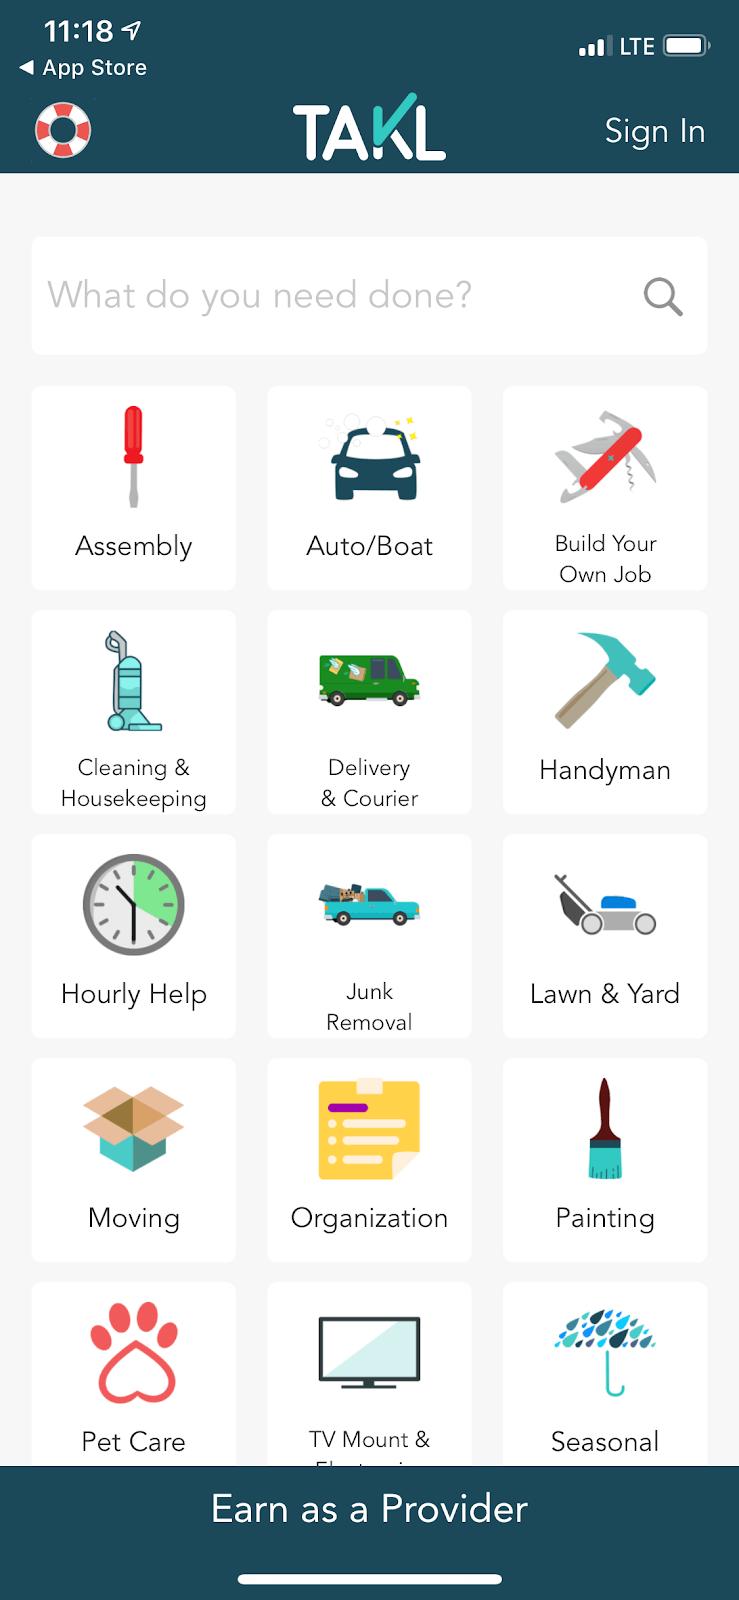 Aplicación Takl: el menú de tareas en Takl